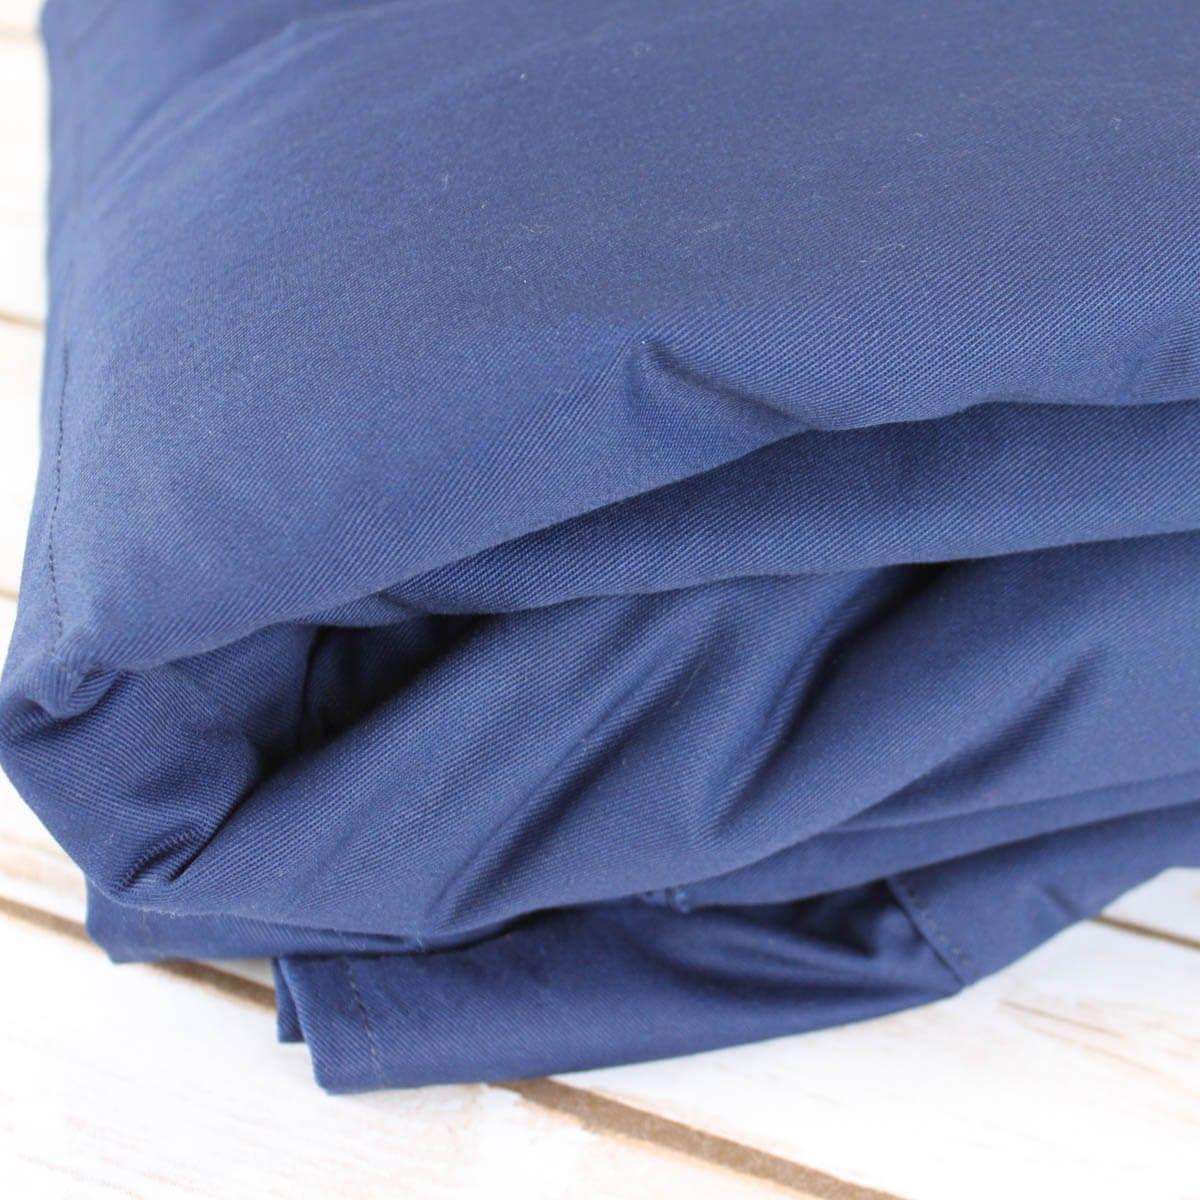 blanket company - alibaba.com